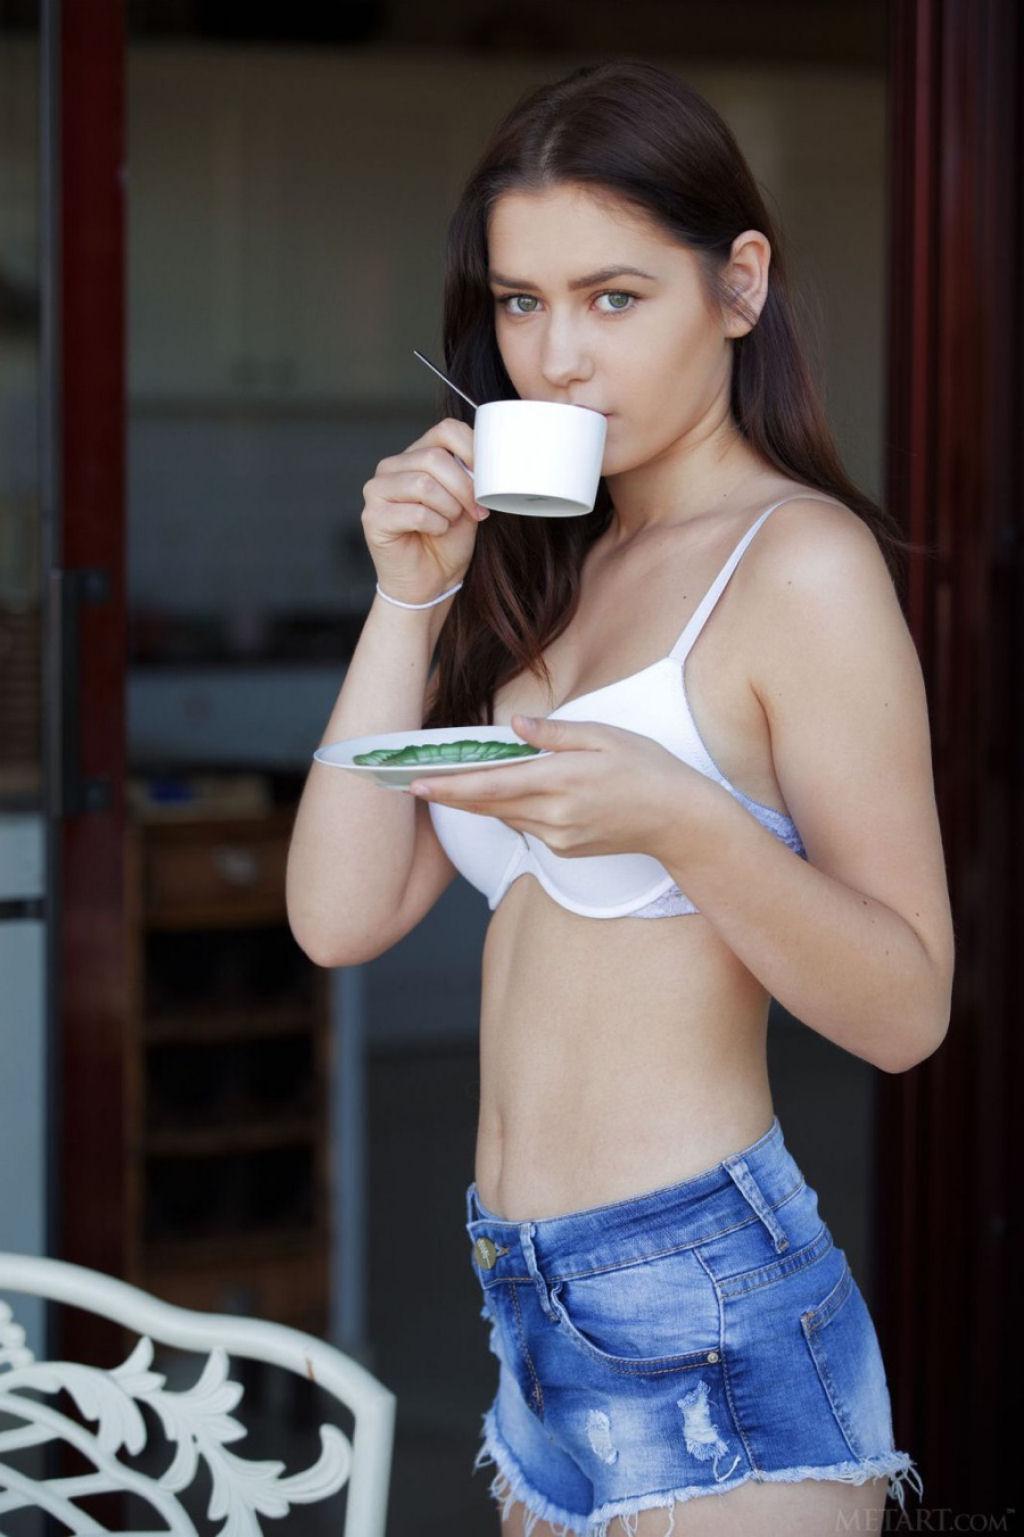 Kacy e o cappuccino 01